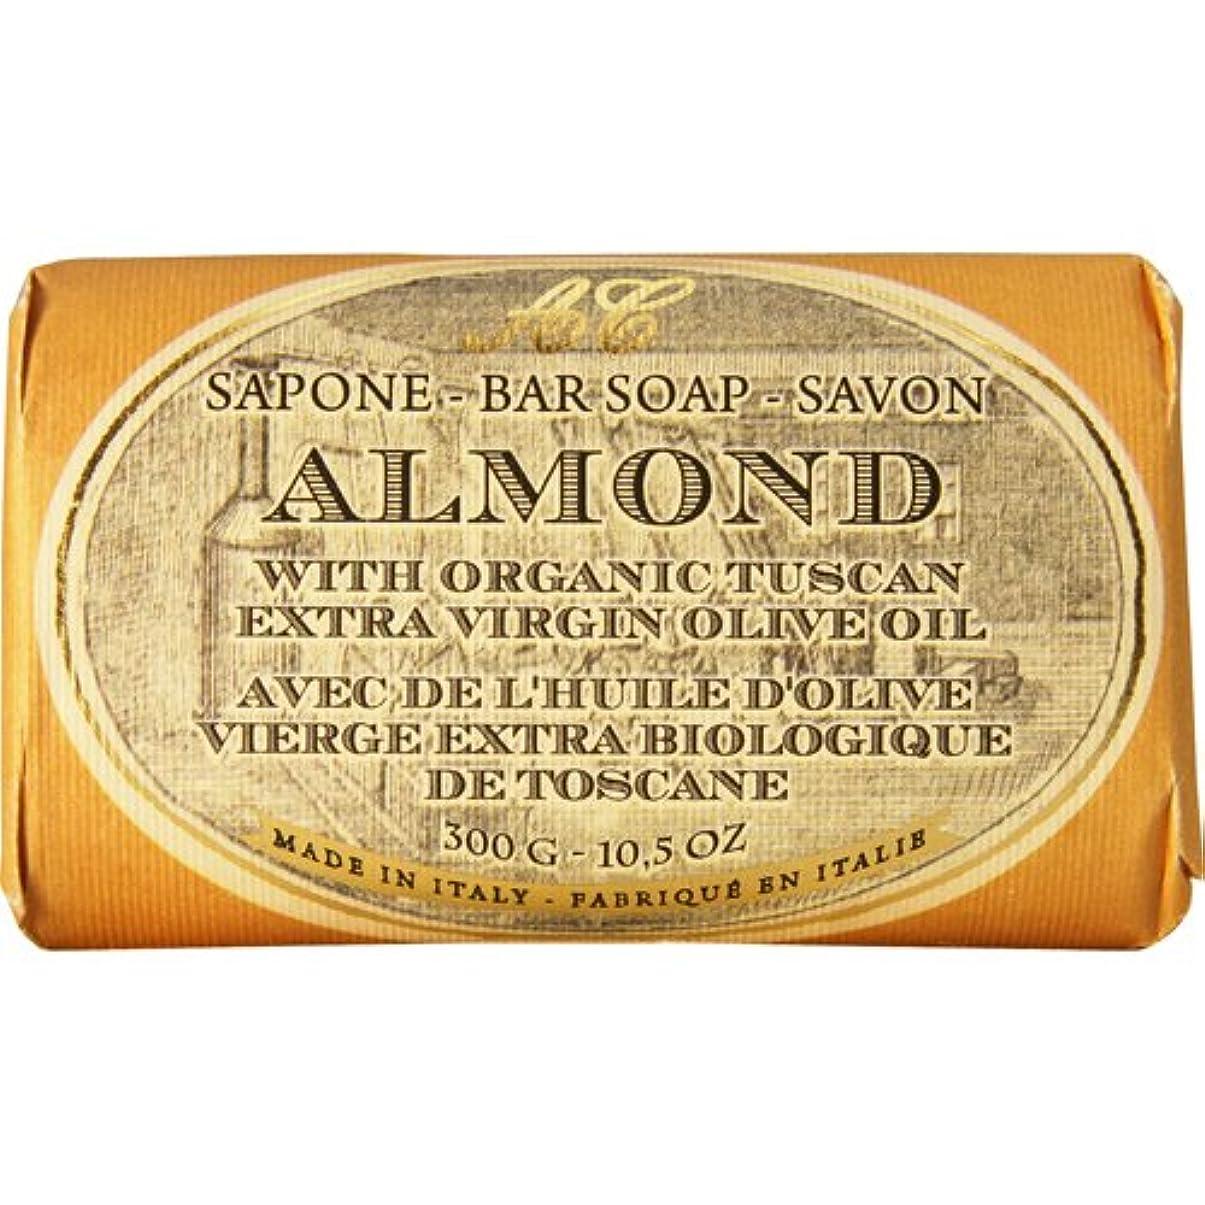 郊外有毒殉教者Saponerire Fissi レトロシリーズ Bar Soap バーソープ 300g Almond アーモンドオイル